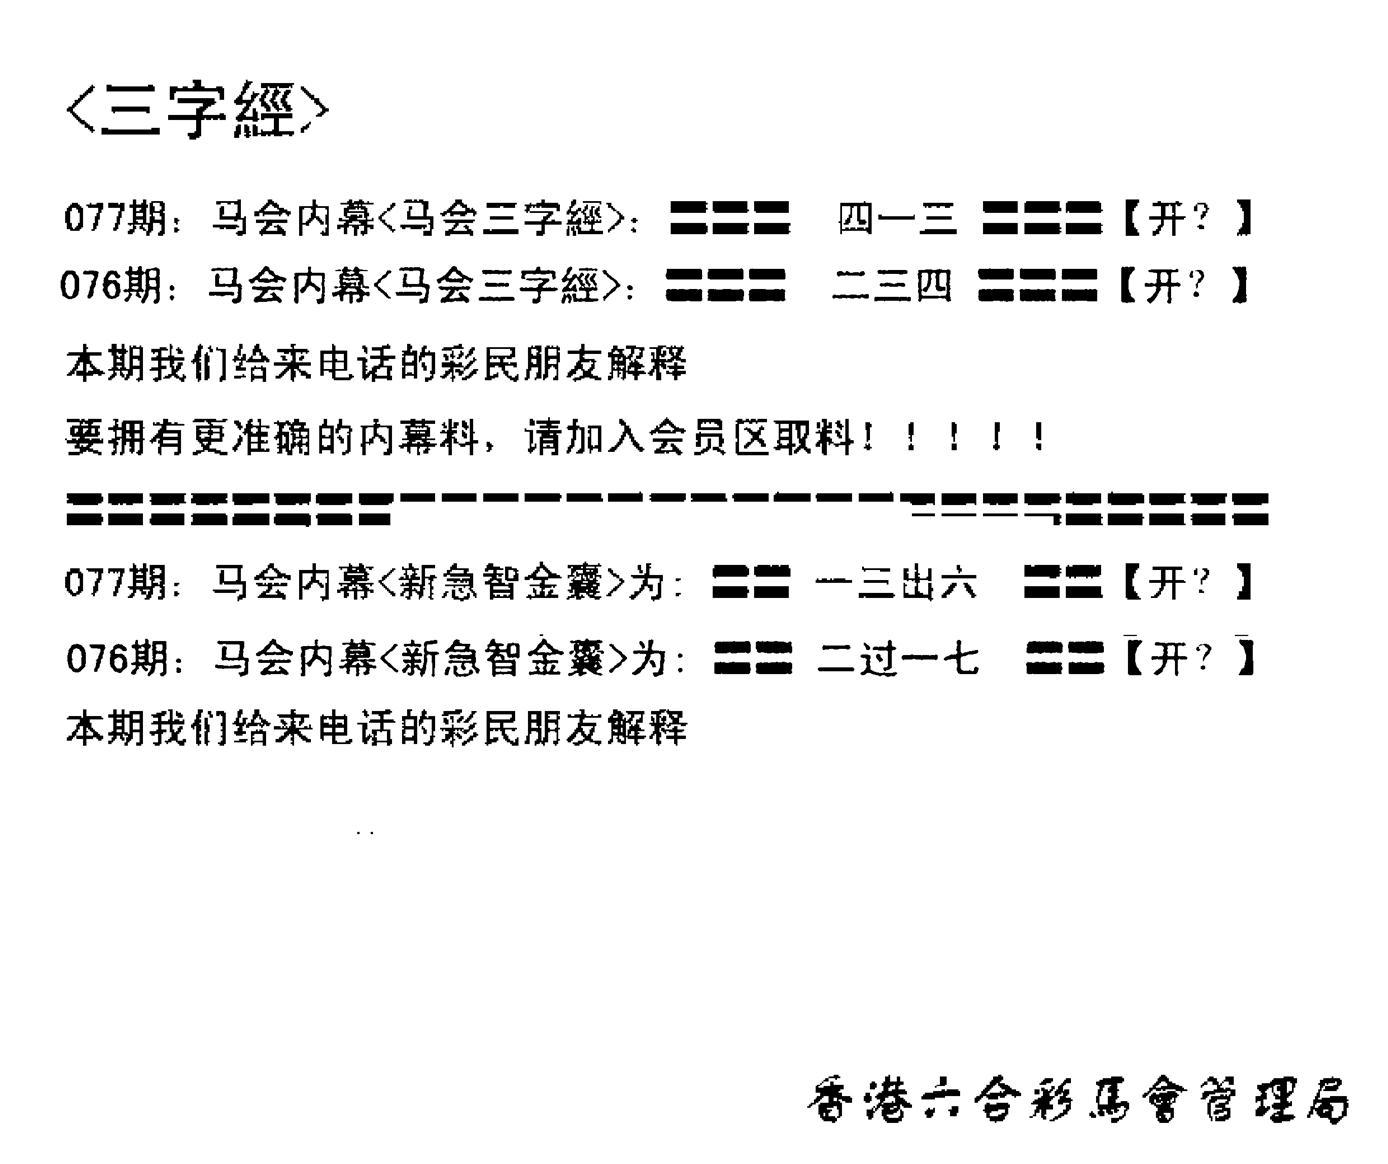 077期电脑版(早版)(黑白)